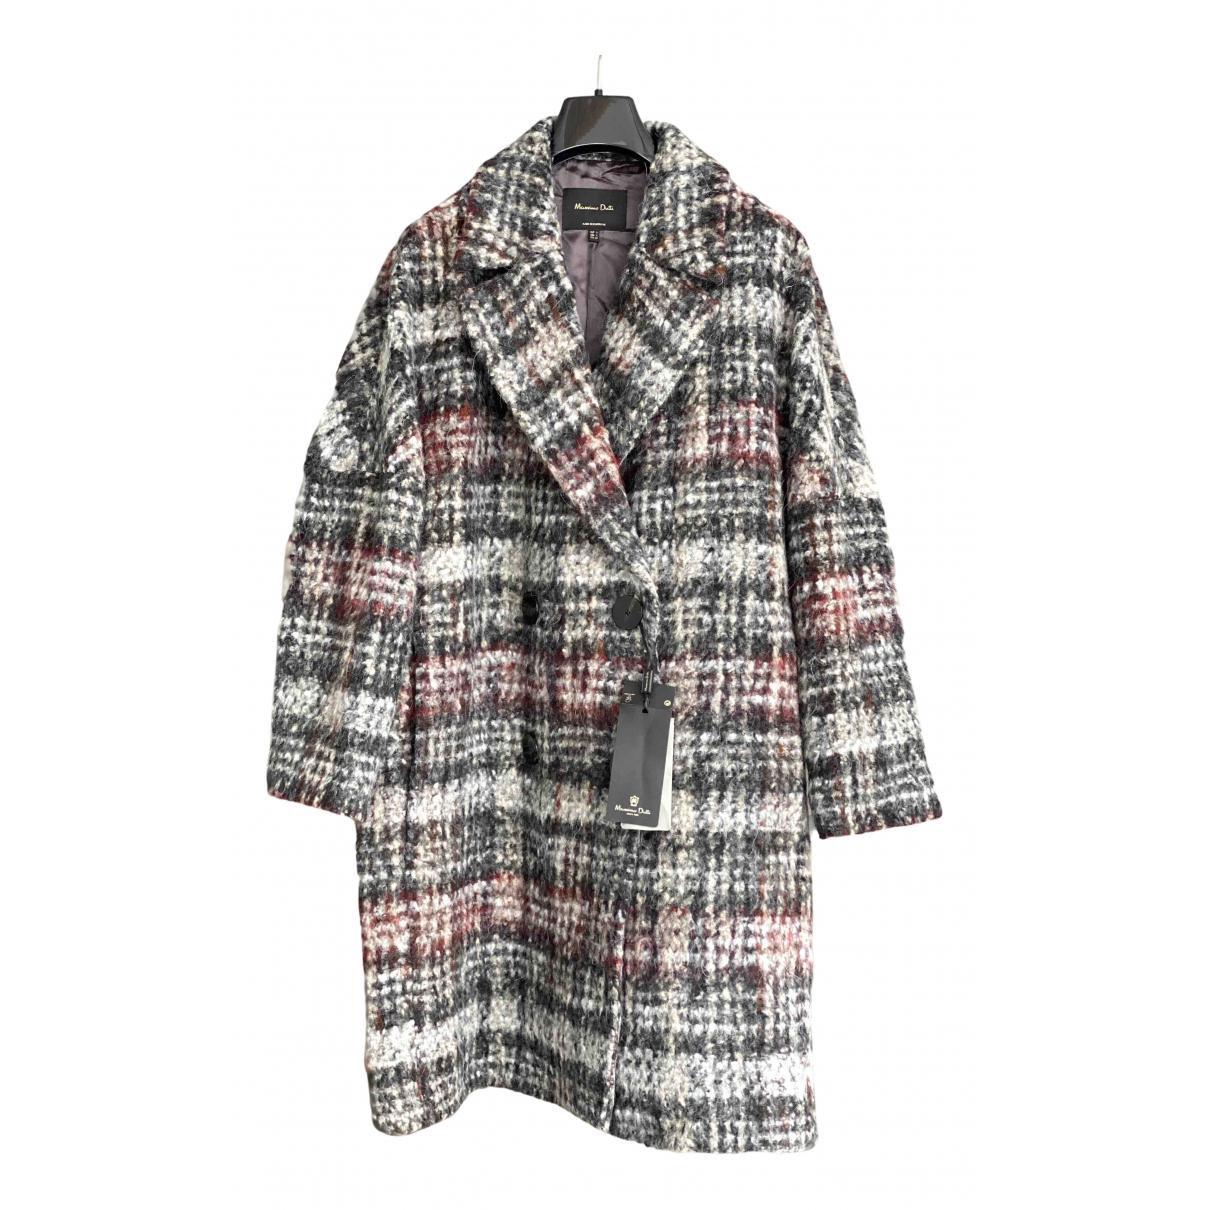 Massimo Dutti - Manteau   pour femme en laine - multicolore